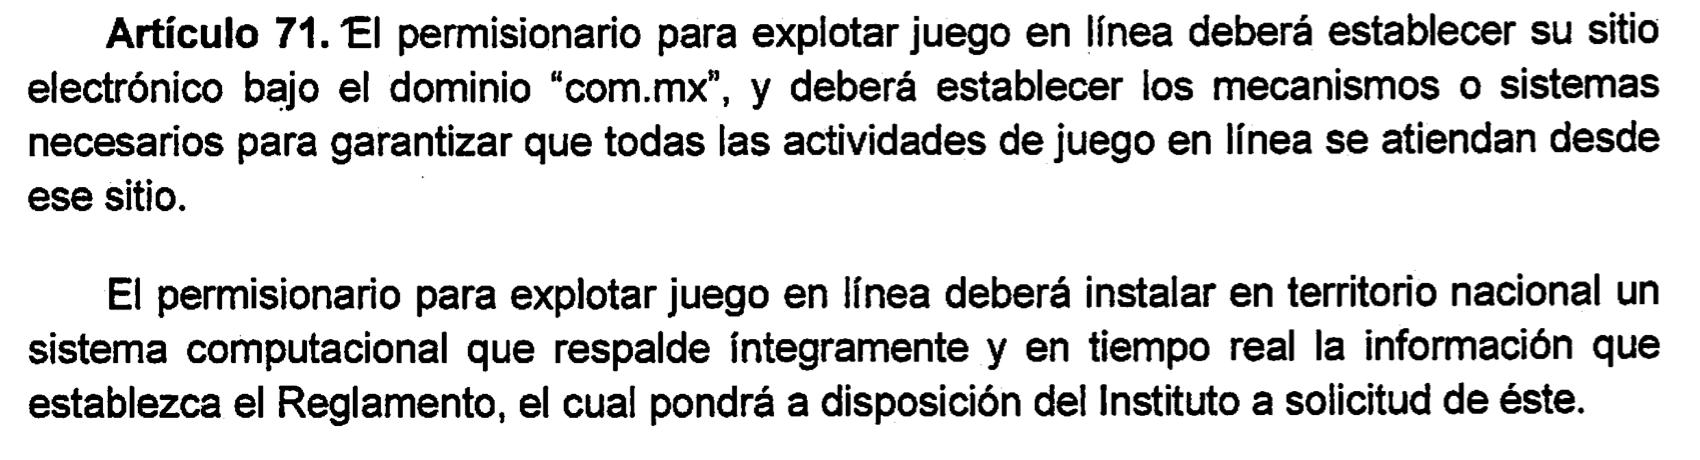 Conoce la nueva ley de Juegos y Sorteos en México 101